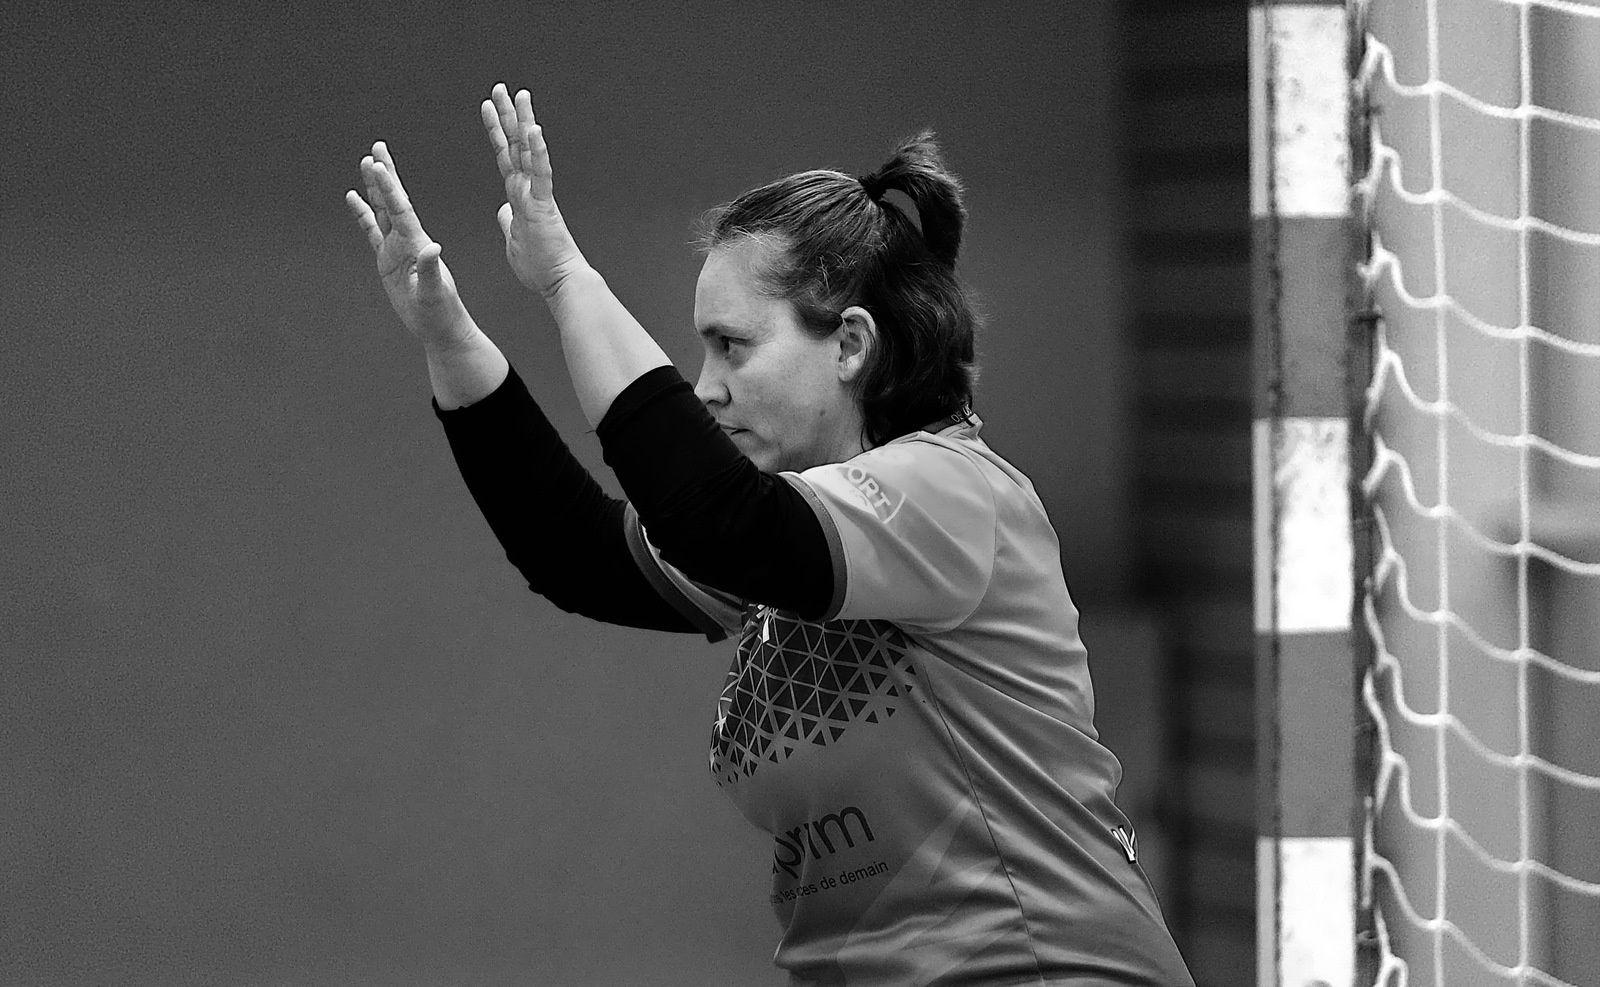 Gardienne du VAL DE LEYSSE, pour Sandrine BREVIER le handball c'est une deuxième famille, mieux la connaître